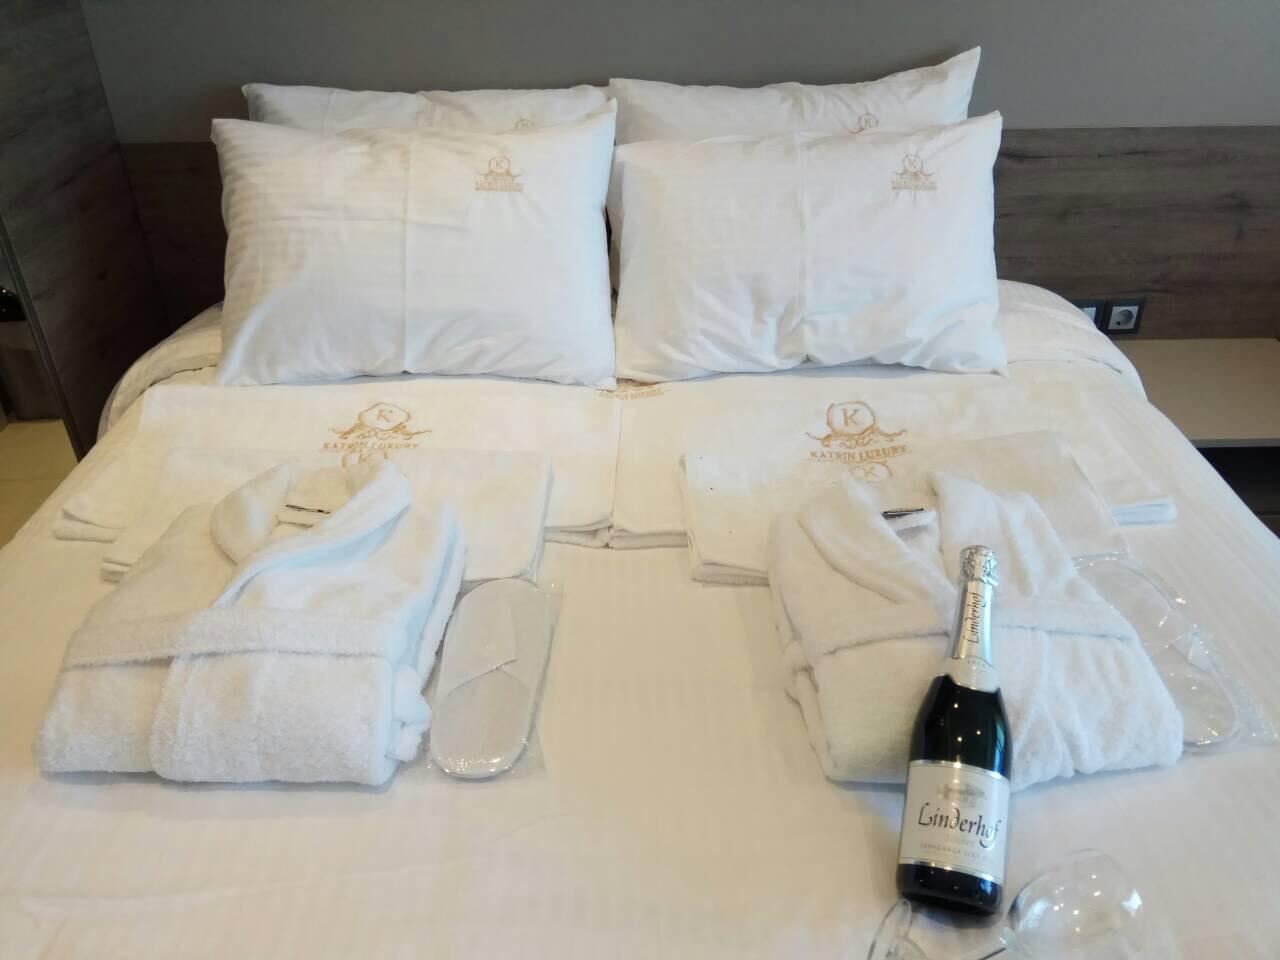 Grcka hoteli letovanje, Halkidiki, Nea Mudania,Katrin Luxury studios,soba